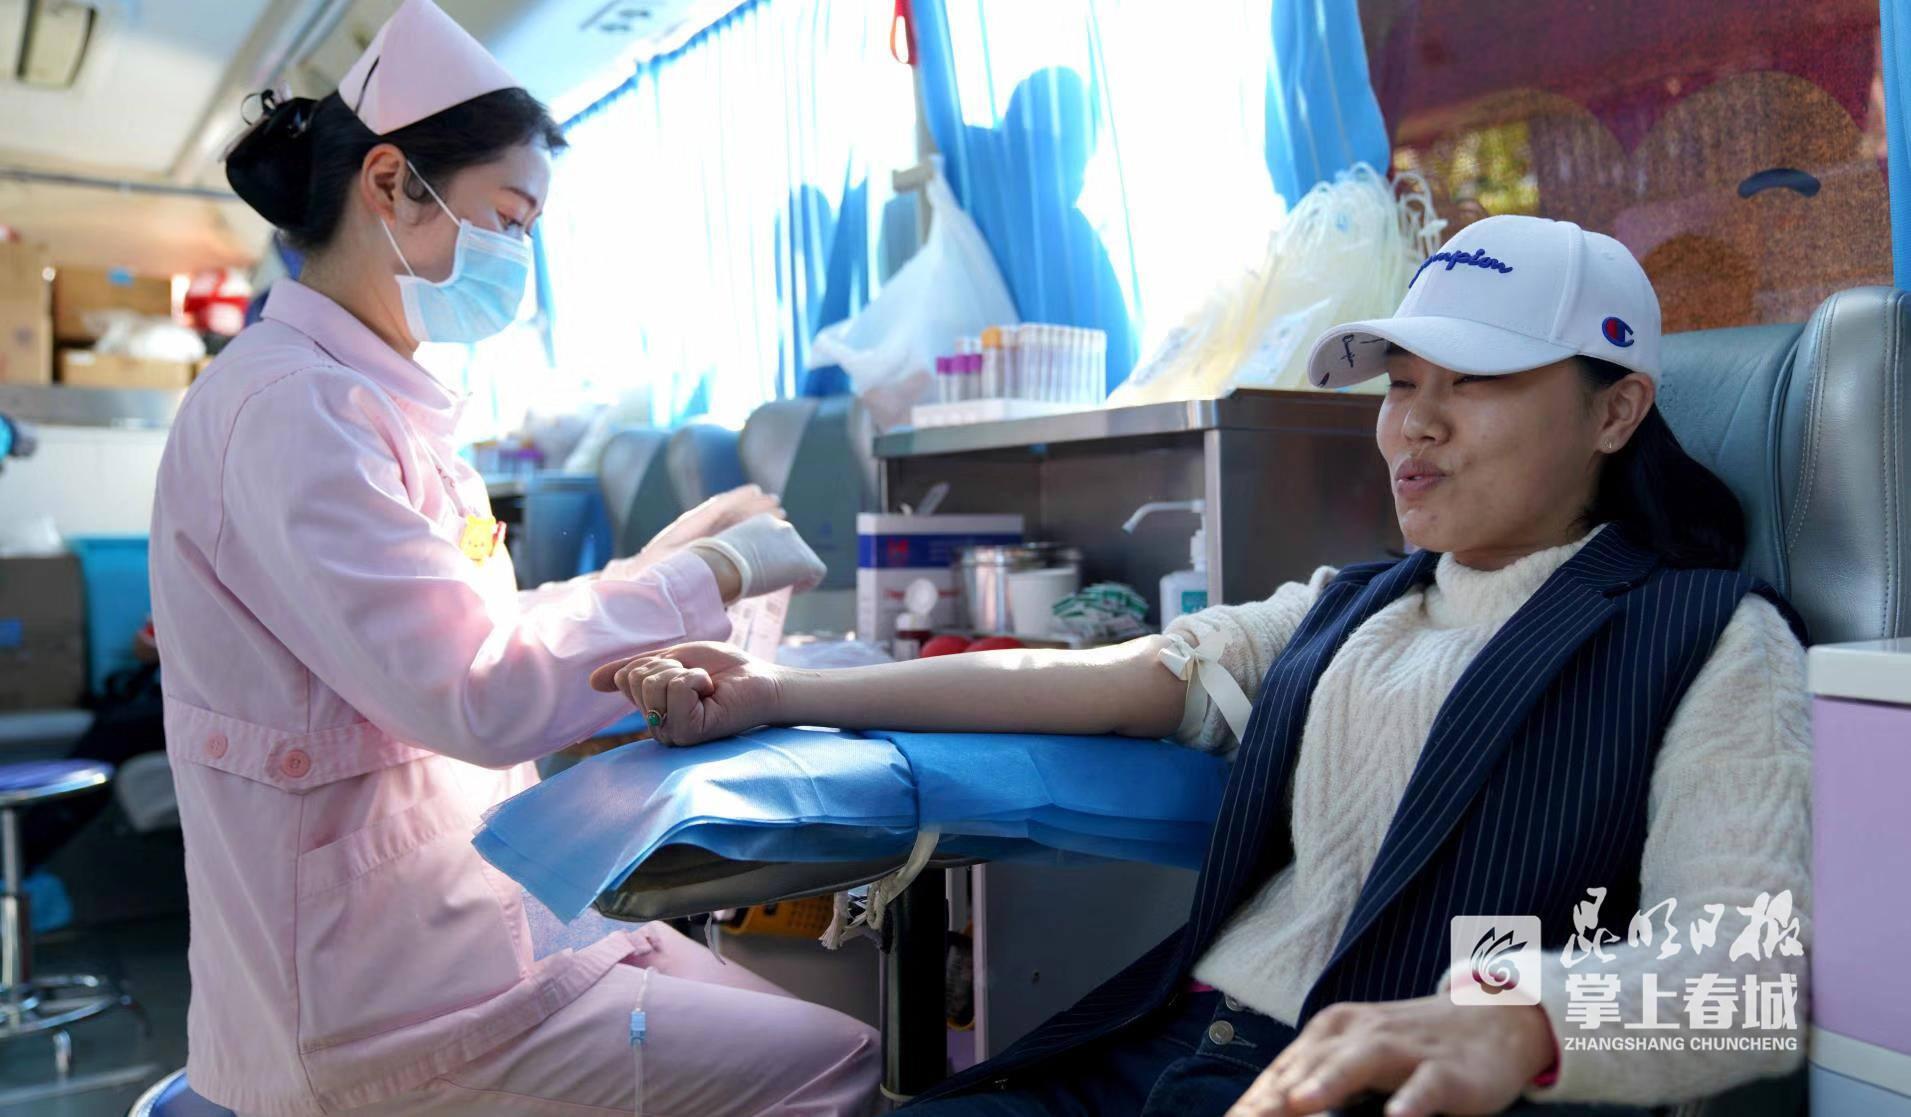 爱心汇聚!盘龙区教育系统教职工献血62300毫升